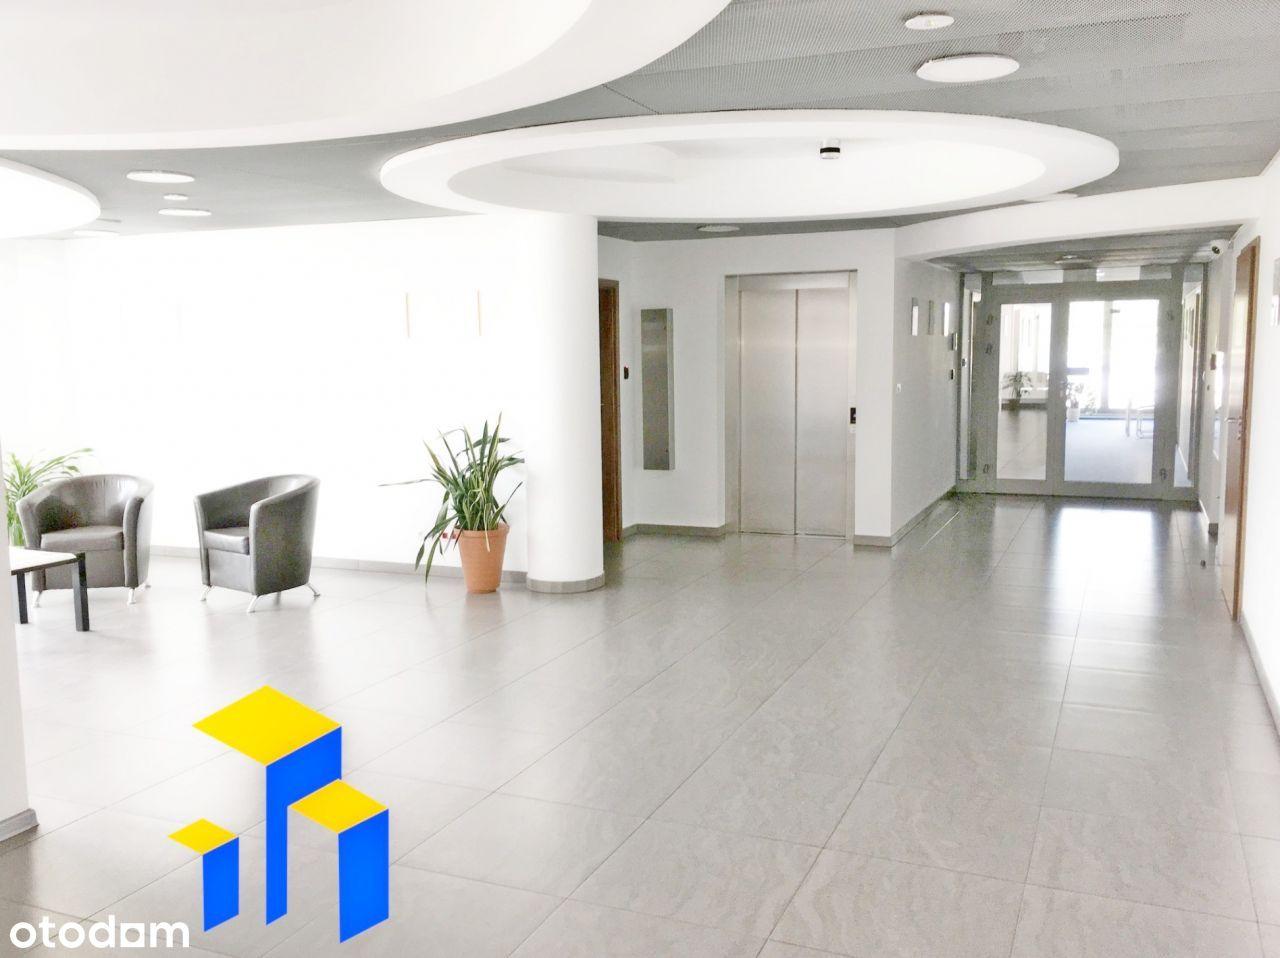 Lokal użytkowy, 49,90 m², Warszawa